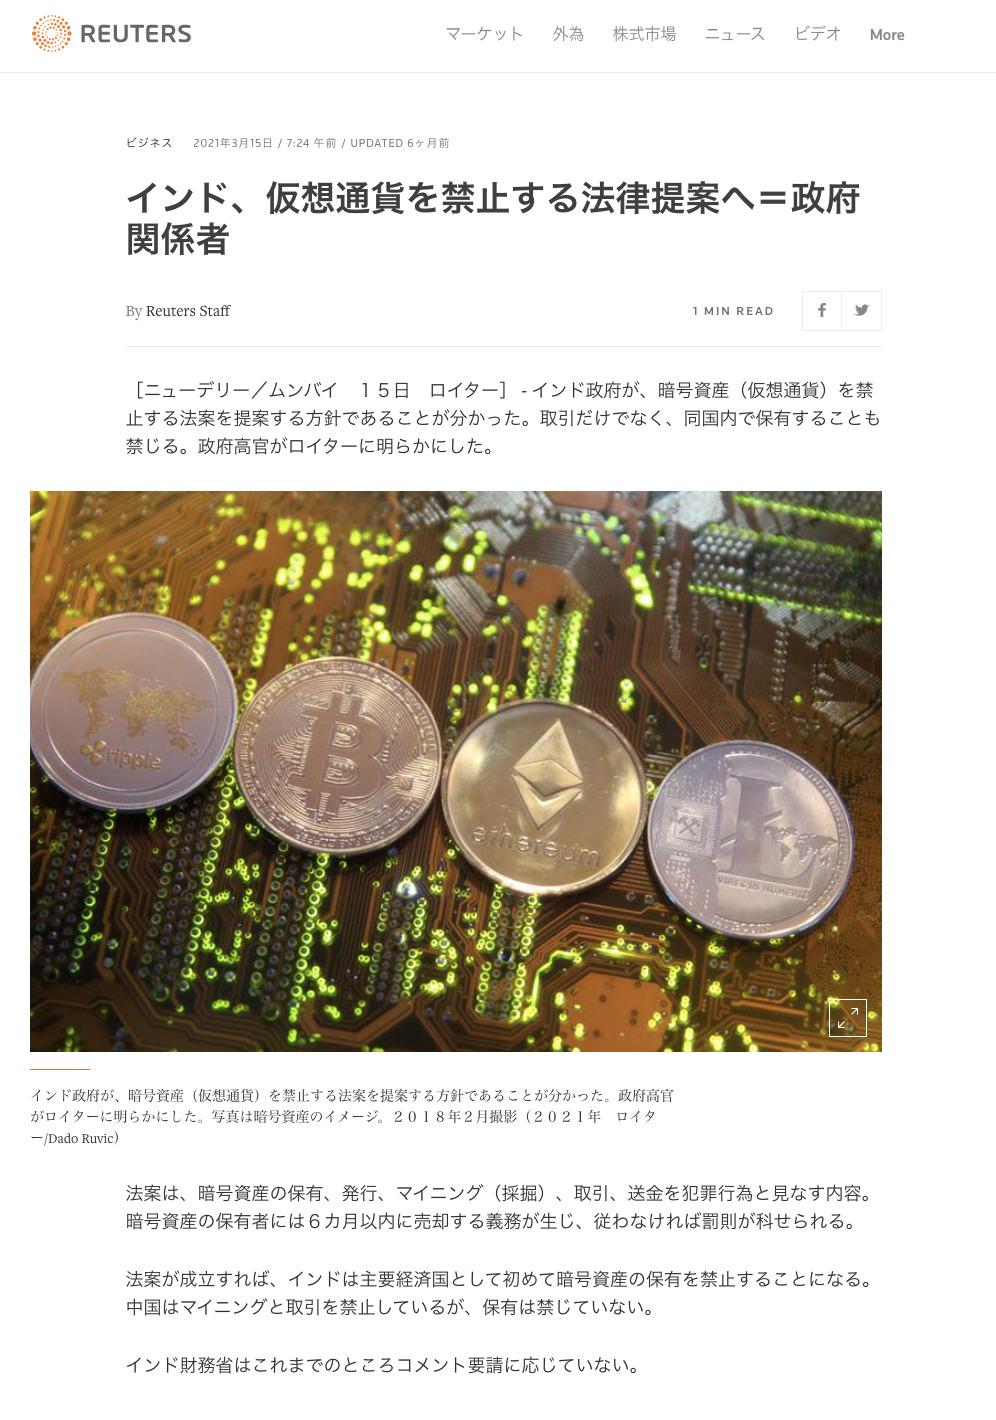 仮想通貨 ビットコイン(BTC)関連ニュース